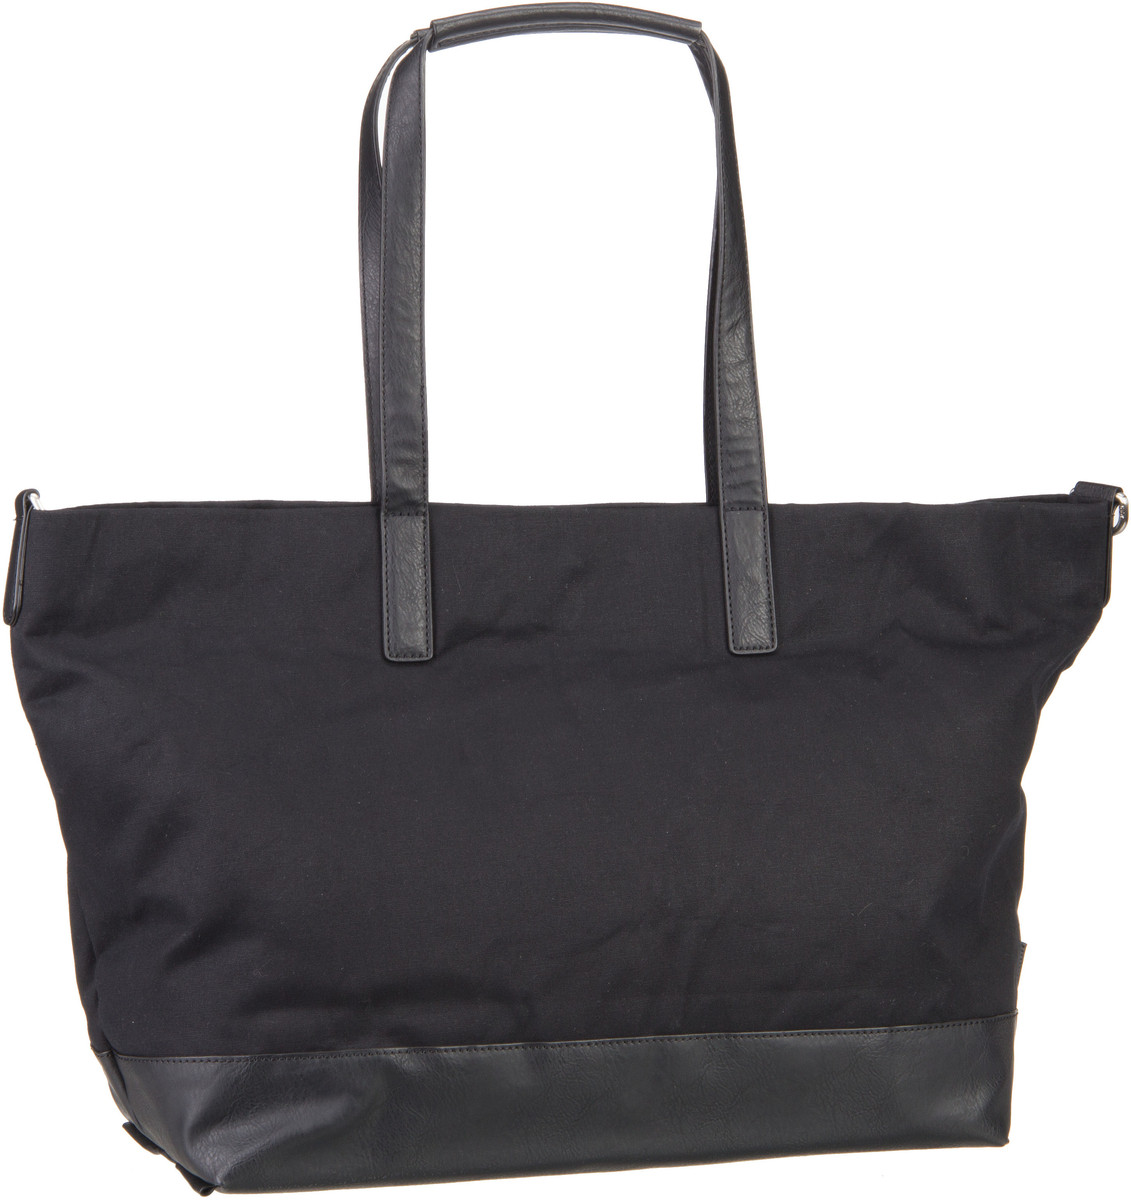 Handtaschen für Frauen - Jost Handtasche Göteborg 1442 Shopper Schwarz  - Onlineshop Taschenkaufhaus